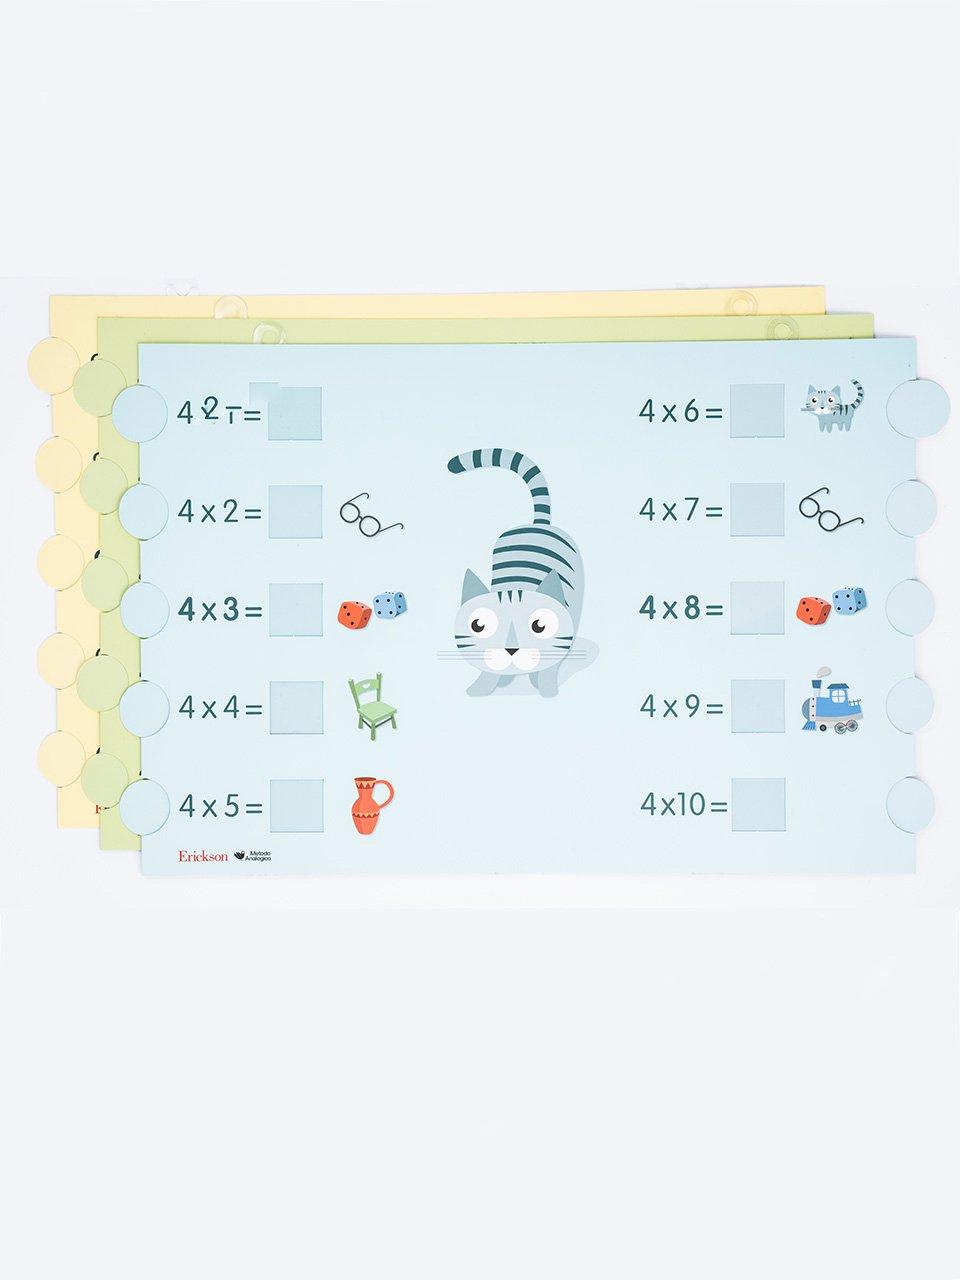 Imparare le tabelline - Cartelloni murali - Competenze e valutazione metodologica - Libri - Erickson